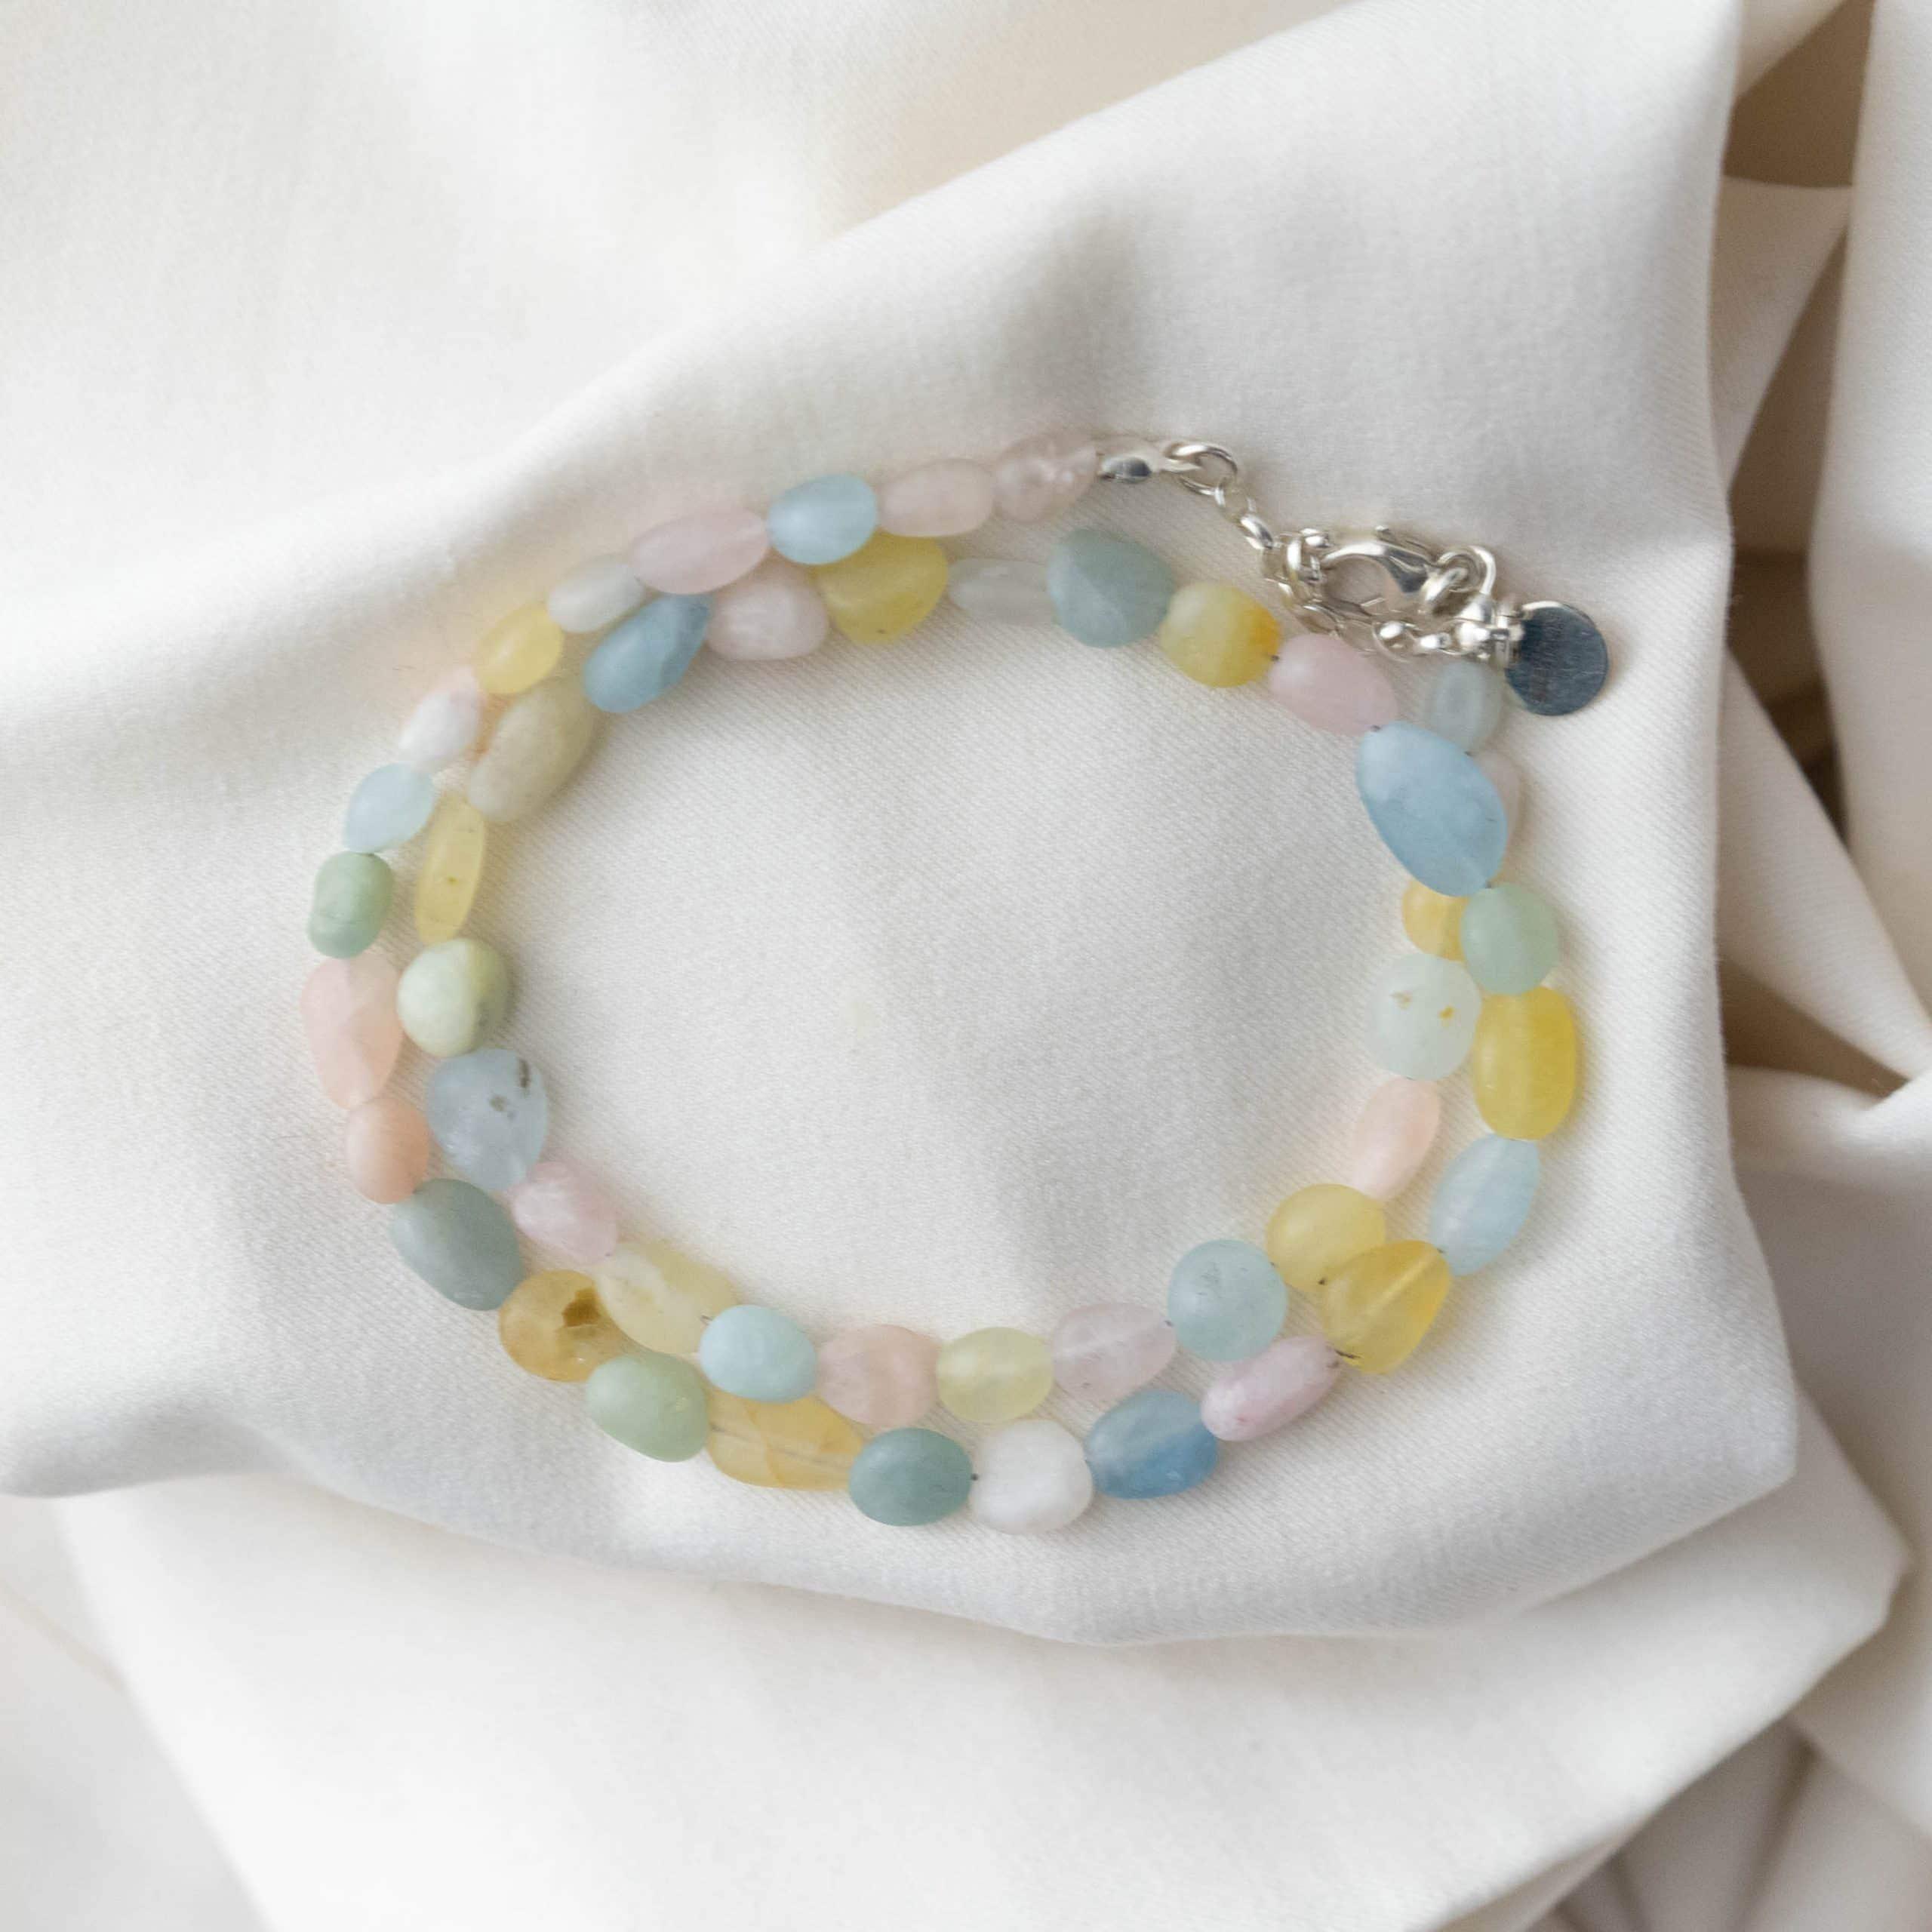 Naszyjnik z kolorowych, matowych kamieni naturalnych na jasnym materiale